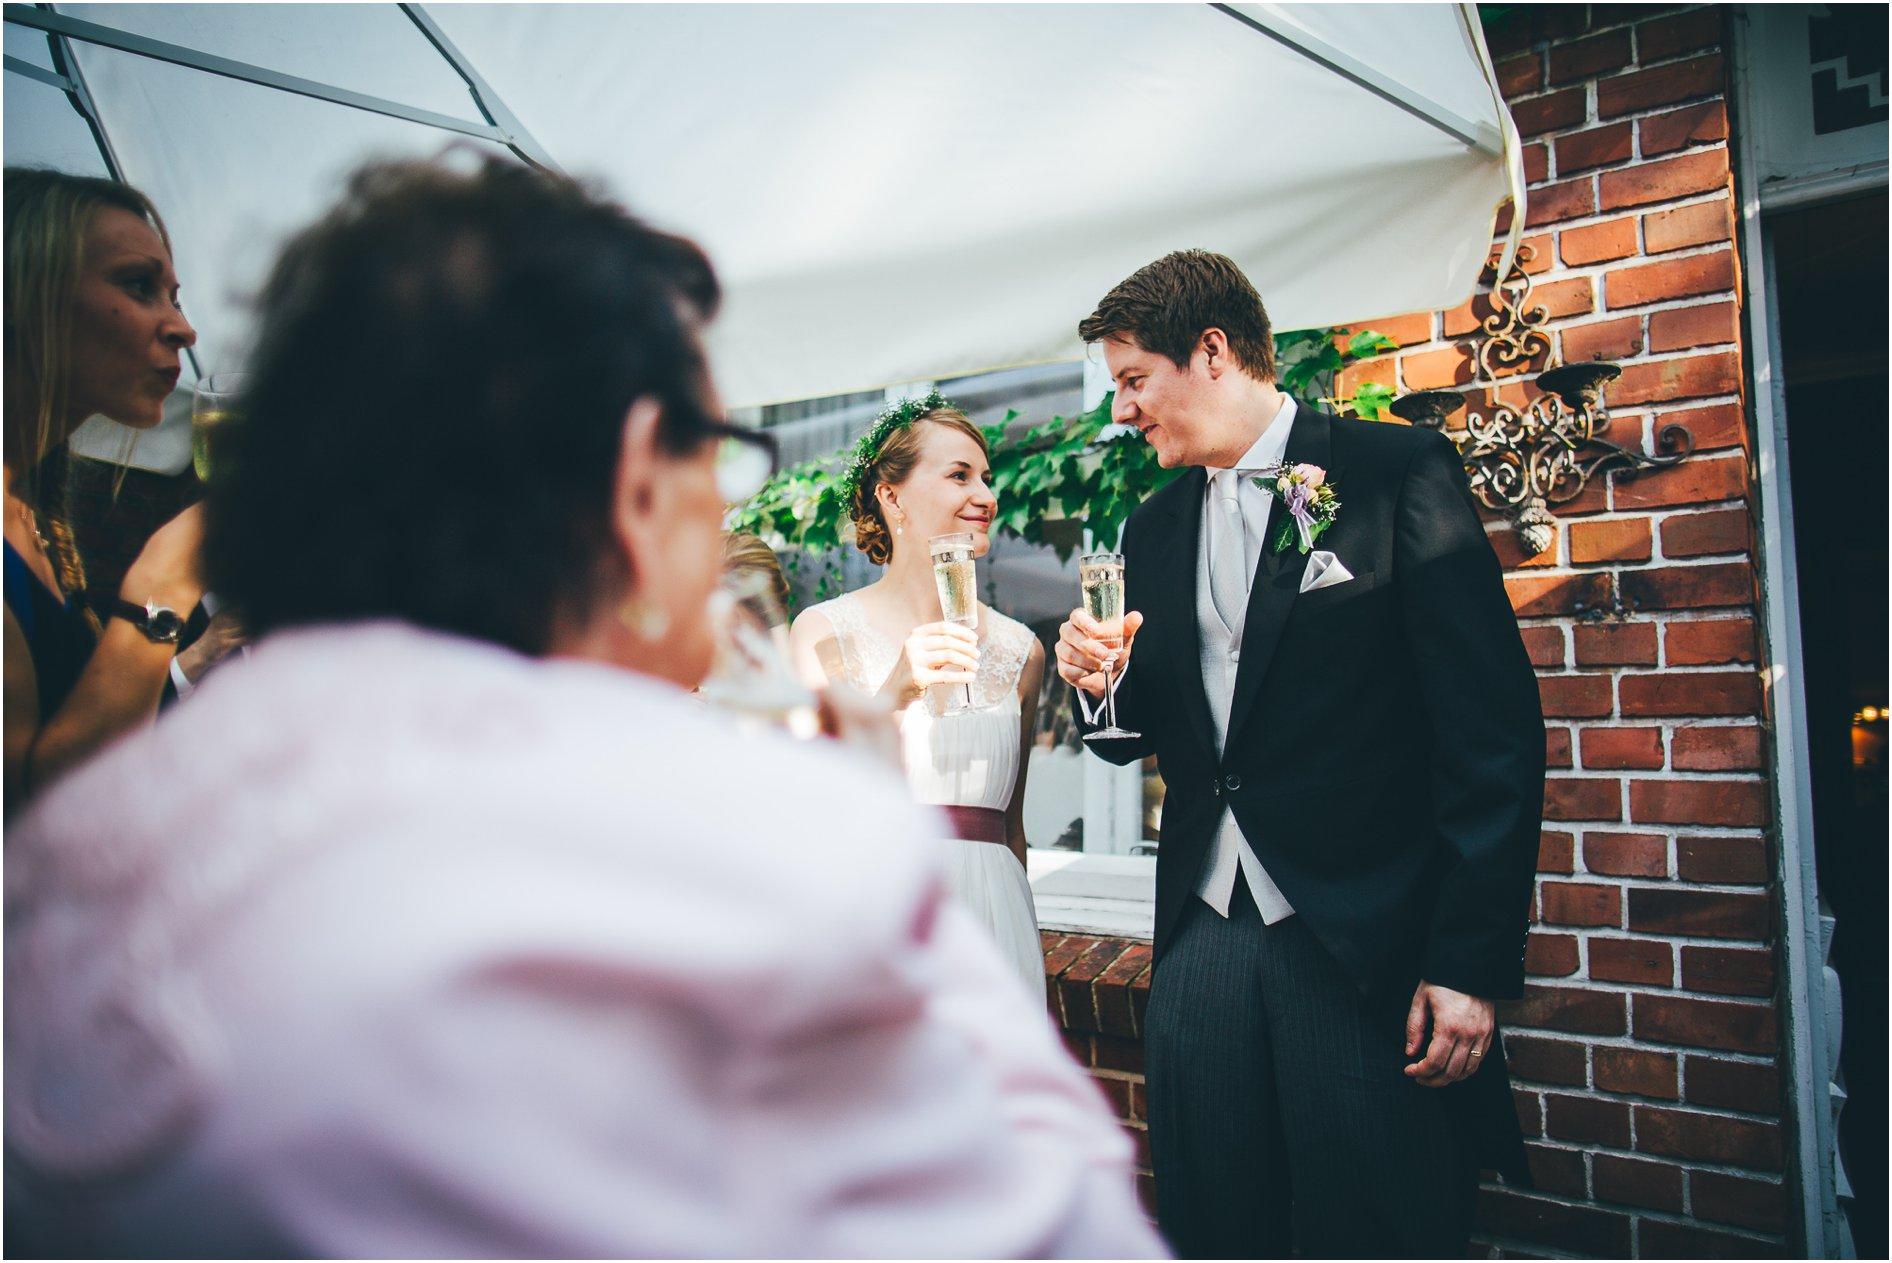 2014-10-13_0104 Jenny & Matthias - Hochzeitsfotograf auf Gut Bardenhagen